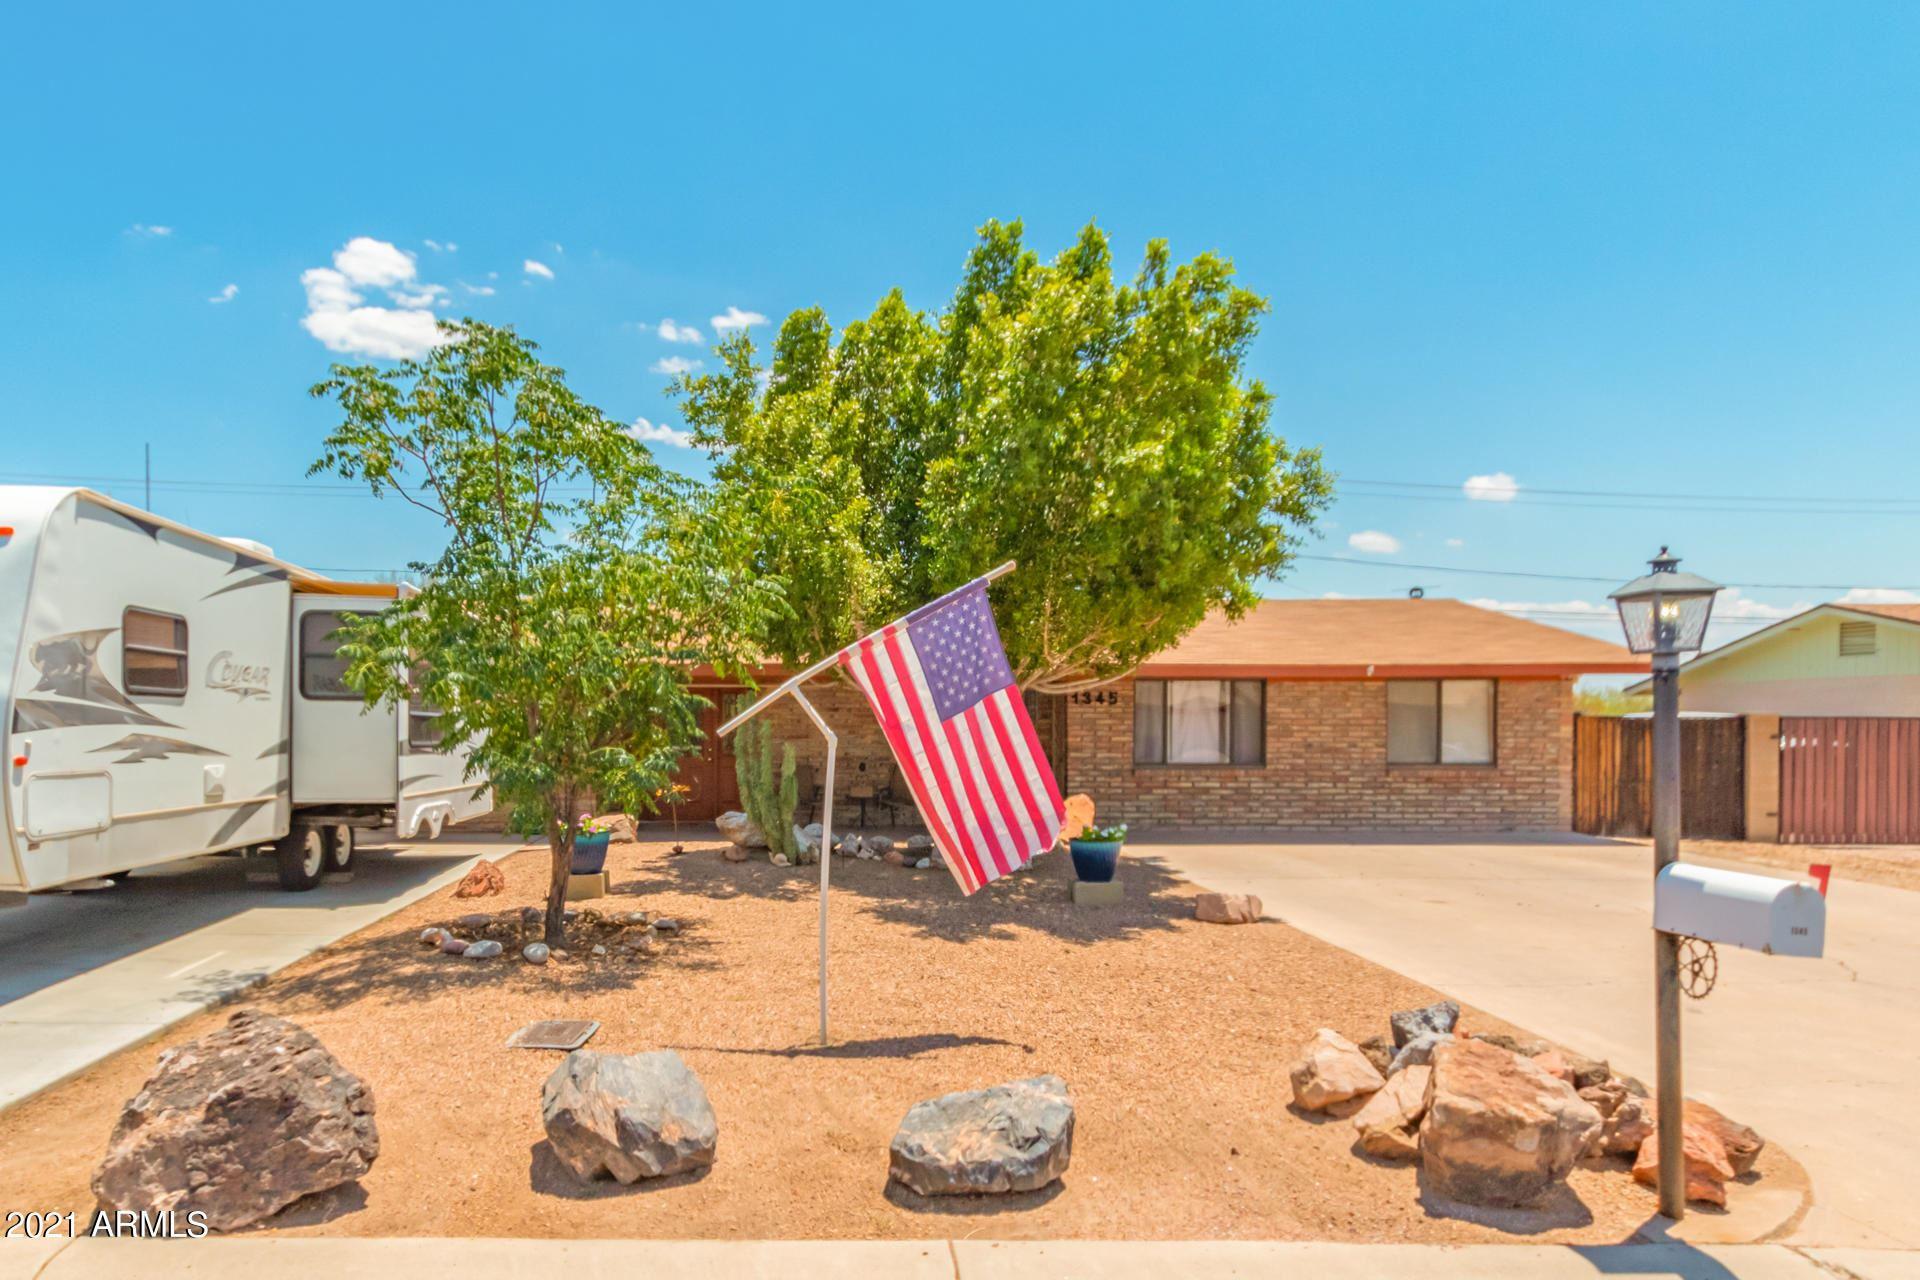 1345 S CACTUS Road, Apache Junction, AZ 85119 - #: 6259285